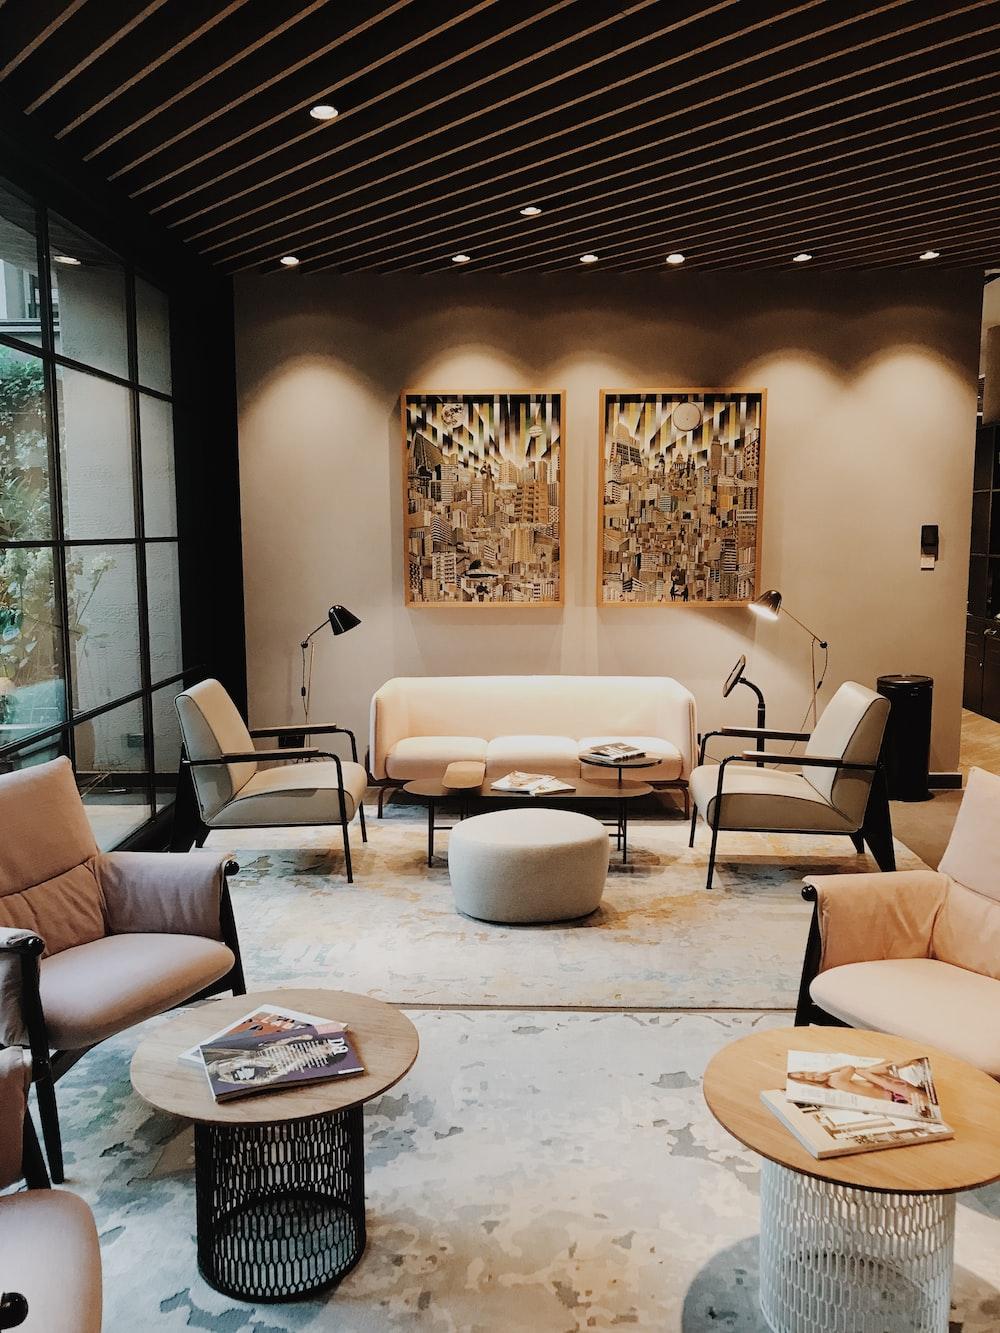 black metal framed beige padded sofa set inside room